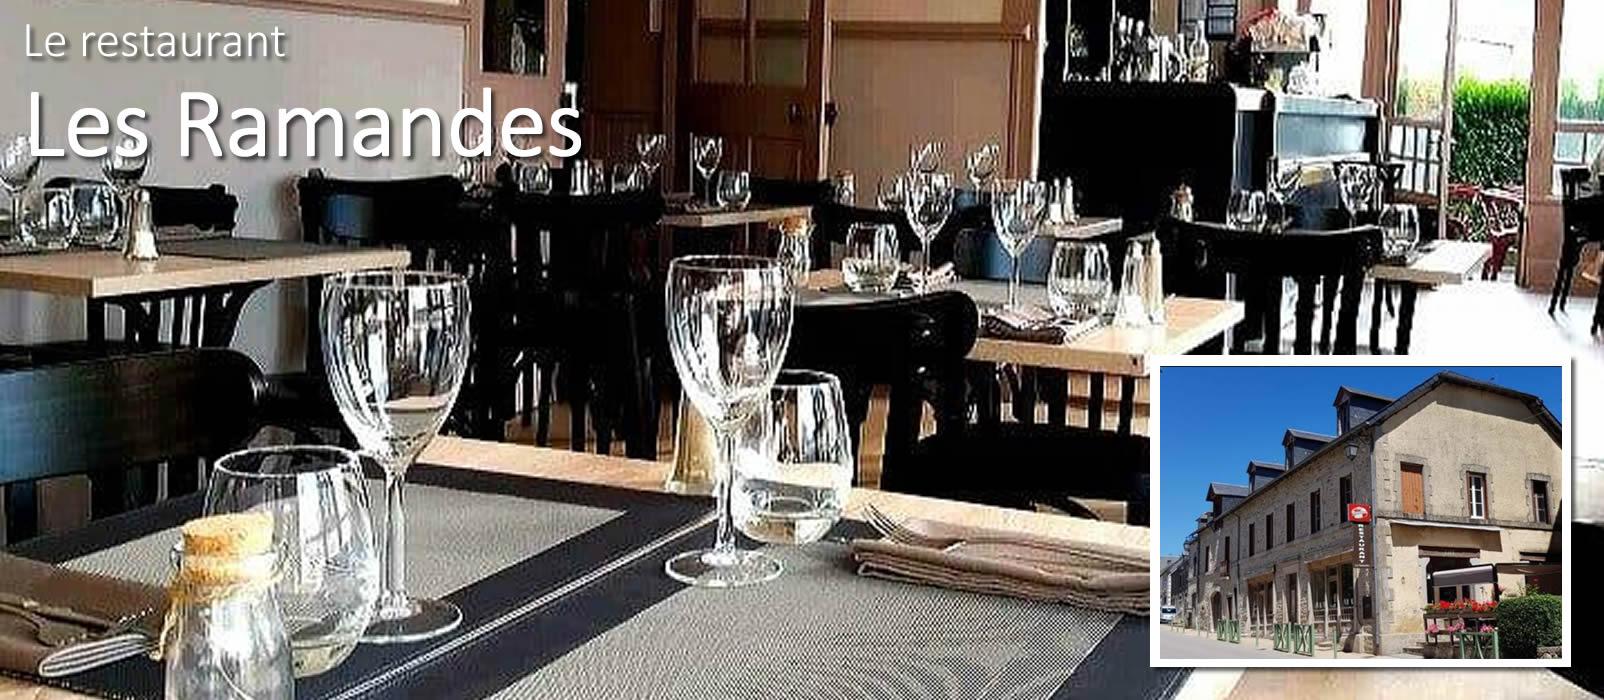 Photo partenaire - Les Ramades - Restaurant - Marcillac-la-Croisille - Bienvenue à la Vérénerie -  Chambres et table d'hôtes